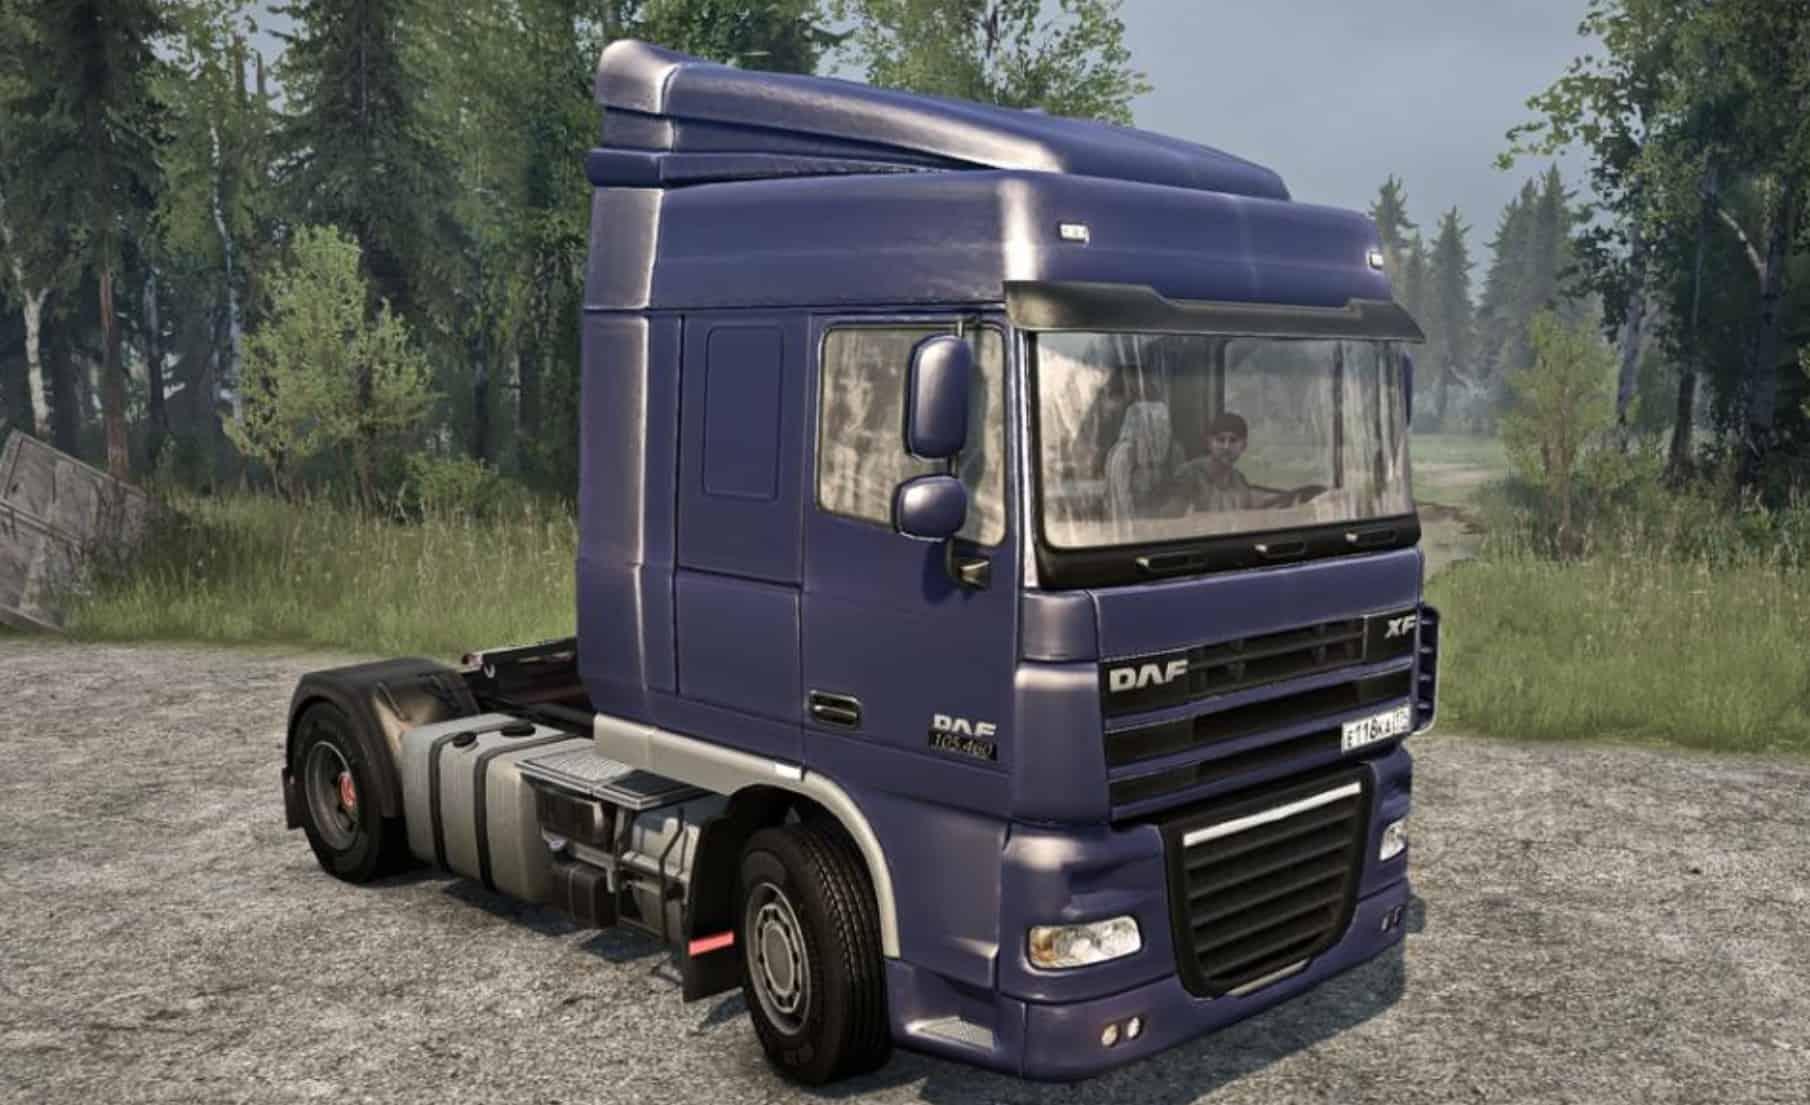 daf xf truck spintires mudrunner mod. Black Bedroom Furniture Sets. Home Design Ideas